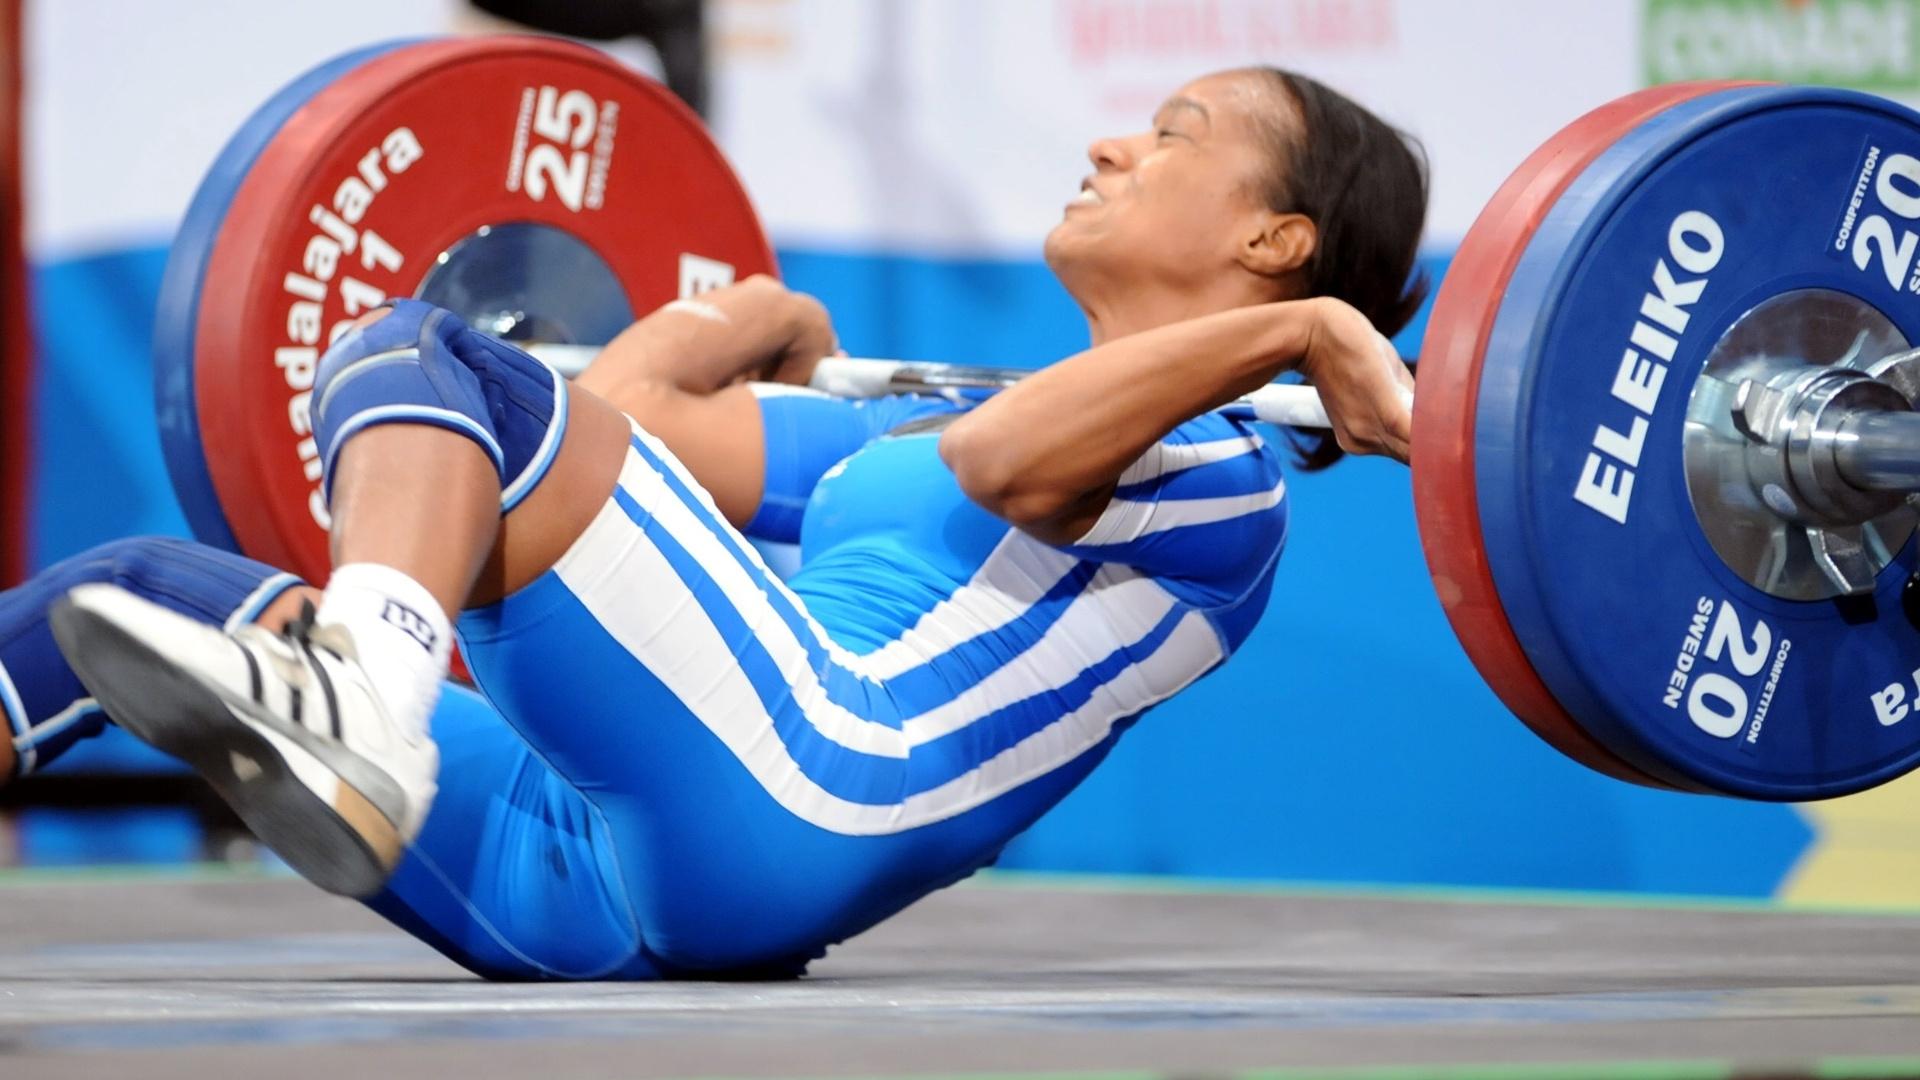 A atleta dominicana Yuderquis Contreras cai durante a prova de levantamento de peso em Guadalajara